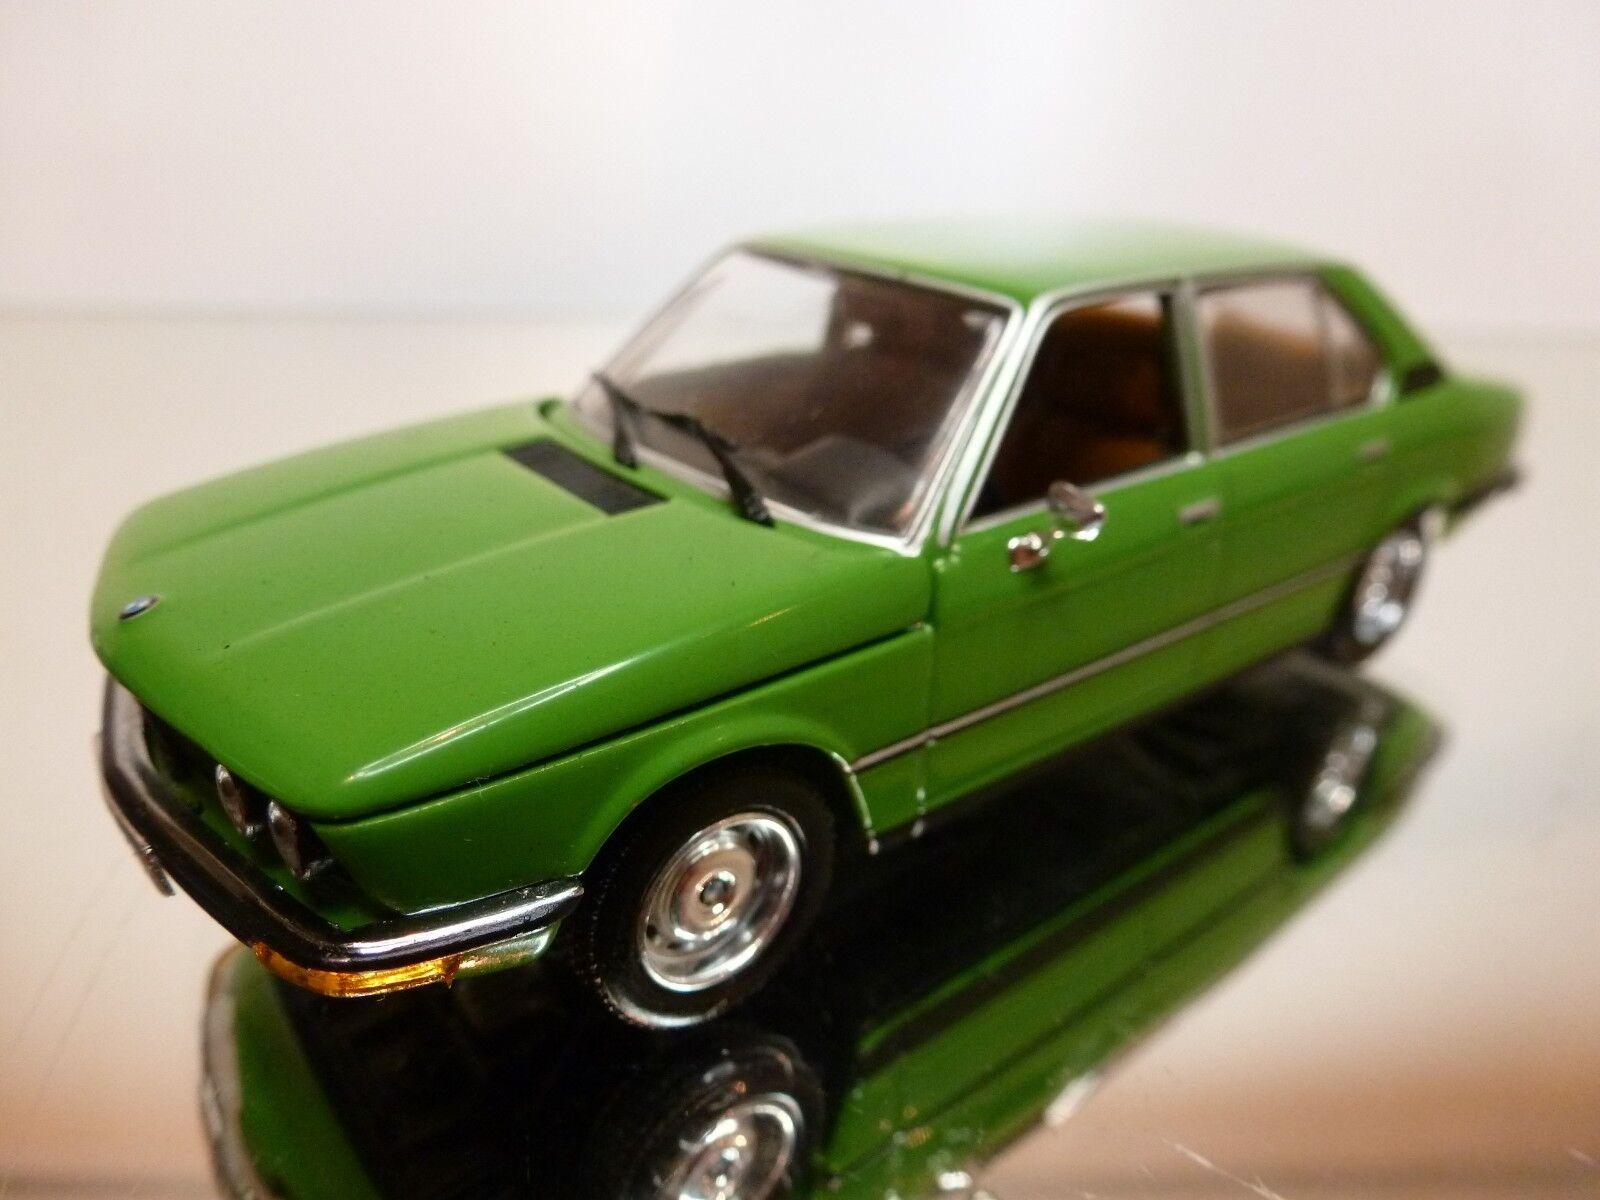 MINICHAMPS BMW 5 SERIES 520 (1927-1976) - verde 1 43 - EXCELLENT CONDITION - 17